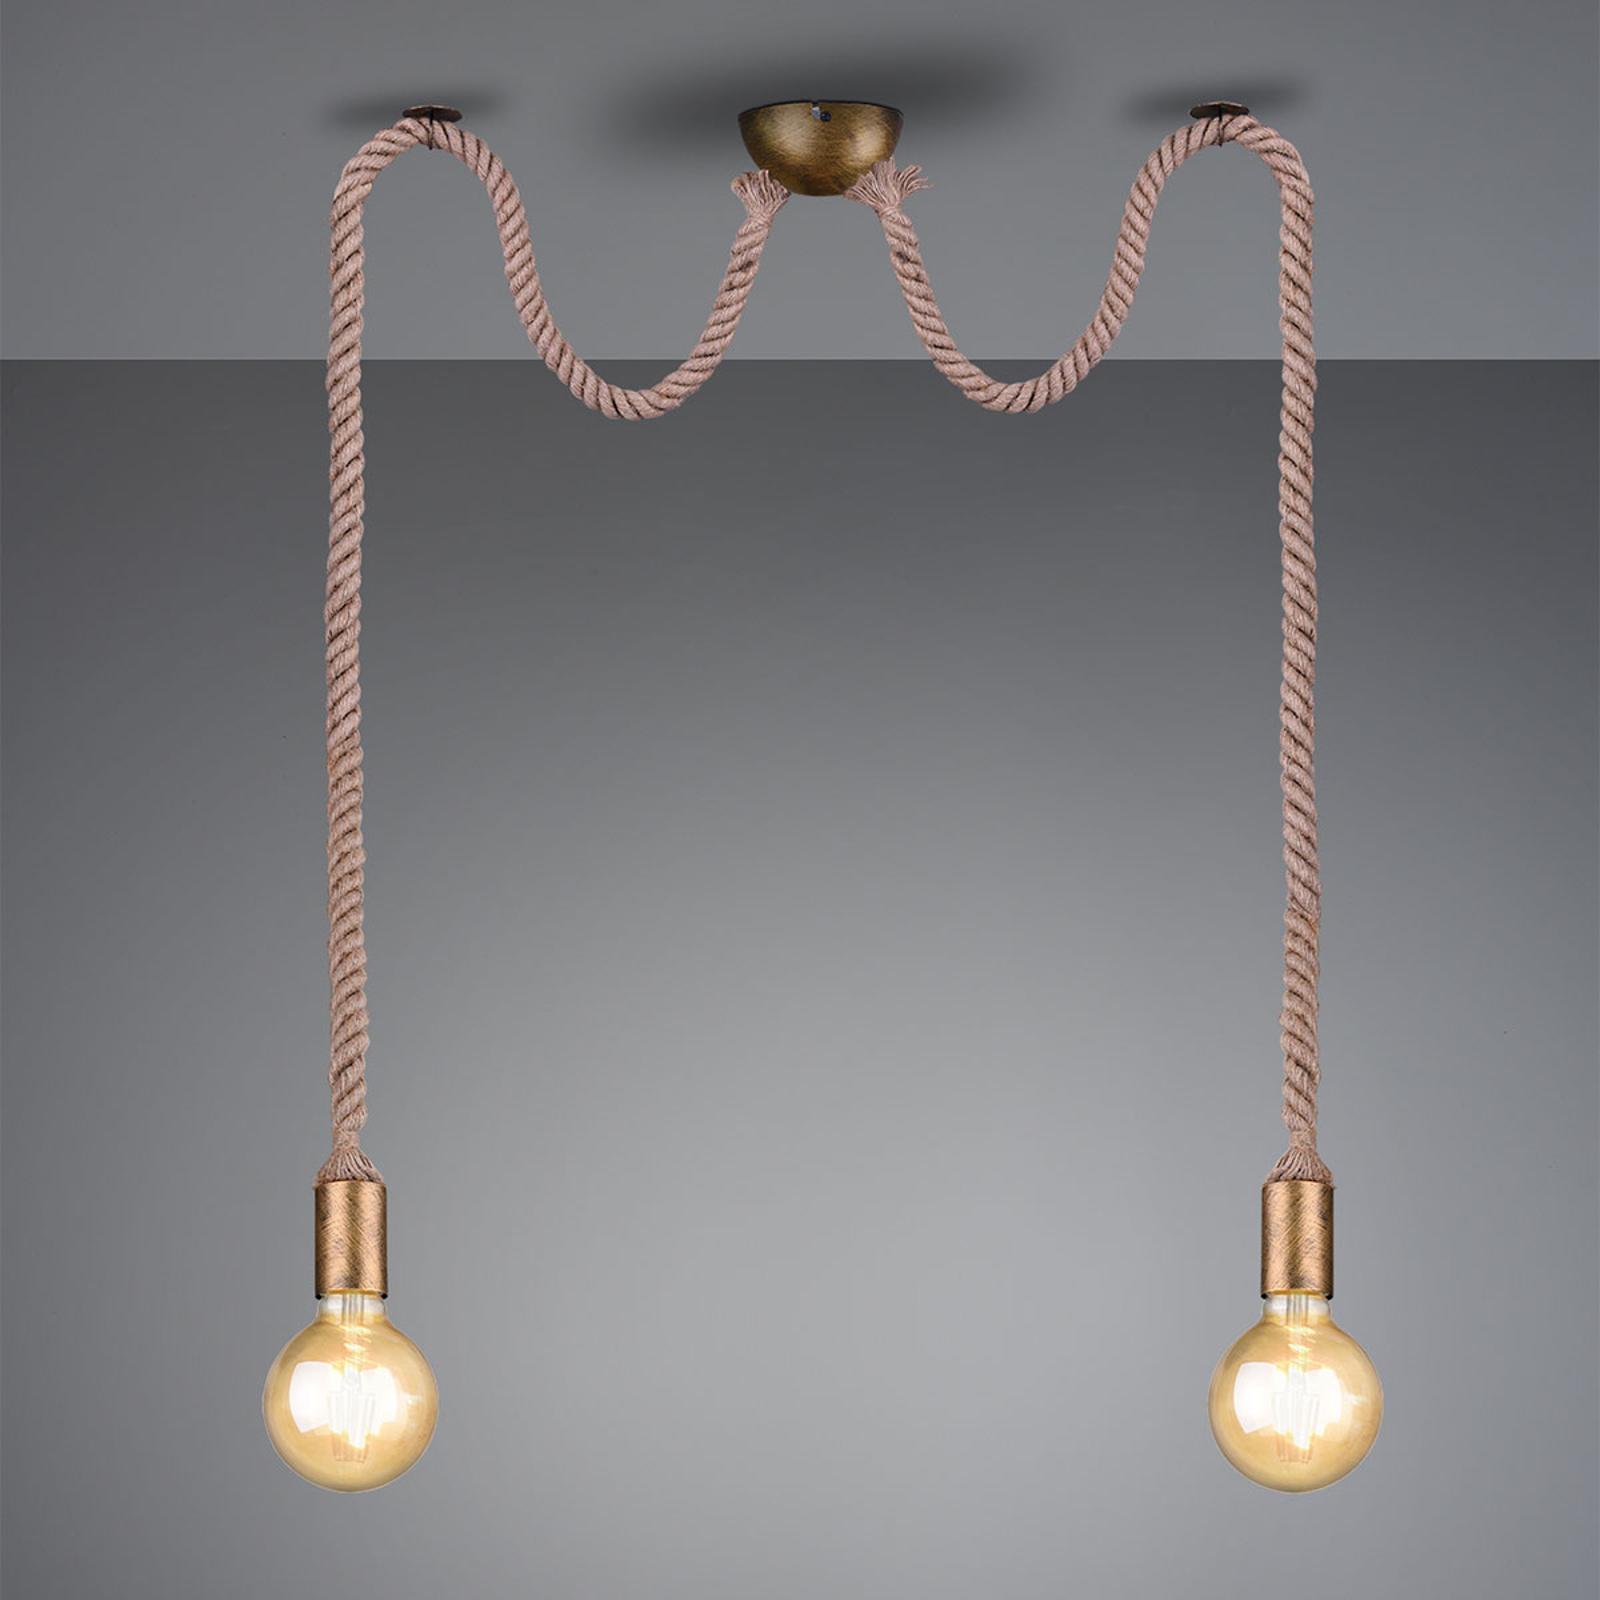 Lampa wisząca Rope z linką, 2-punktowa